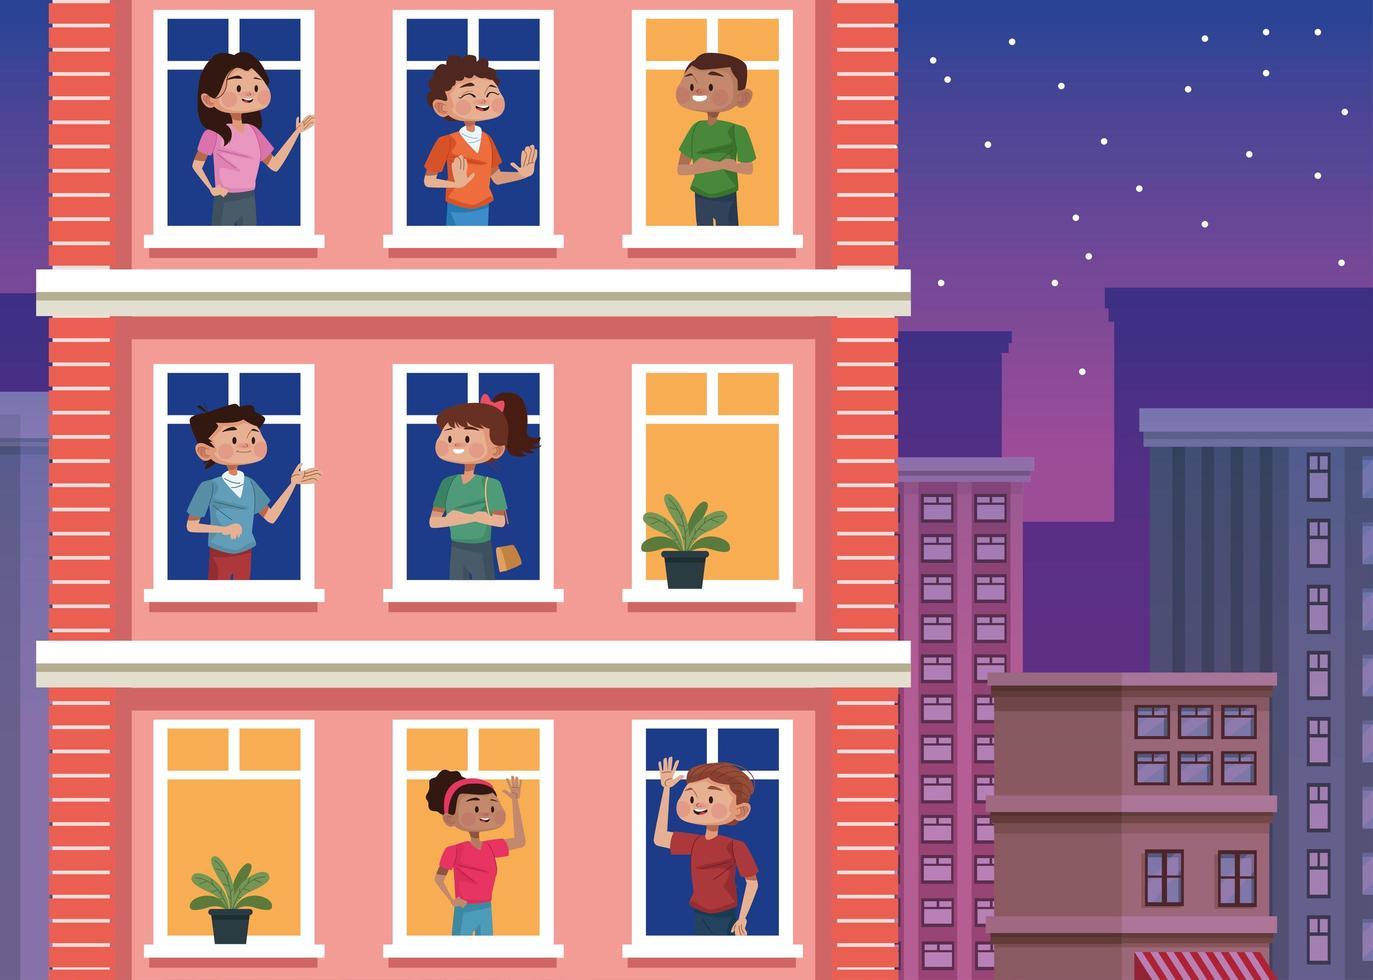 los jóvenes se quedan en casa en las ventanas de los edificios vector